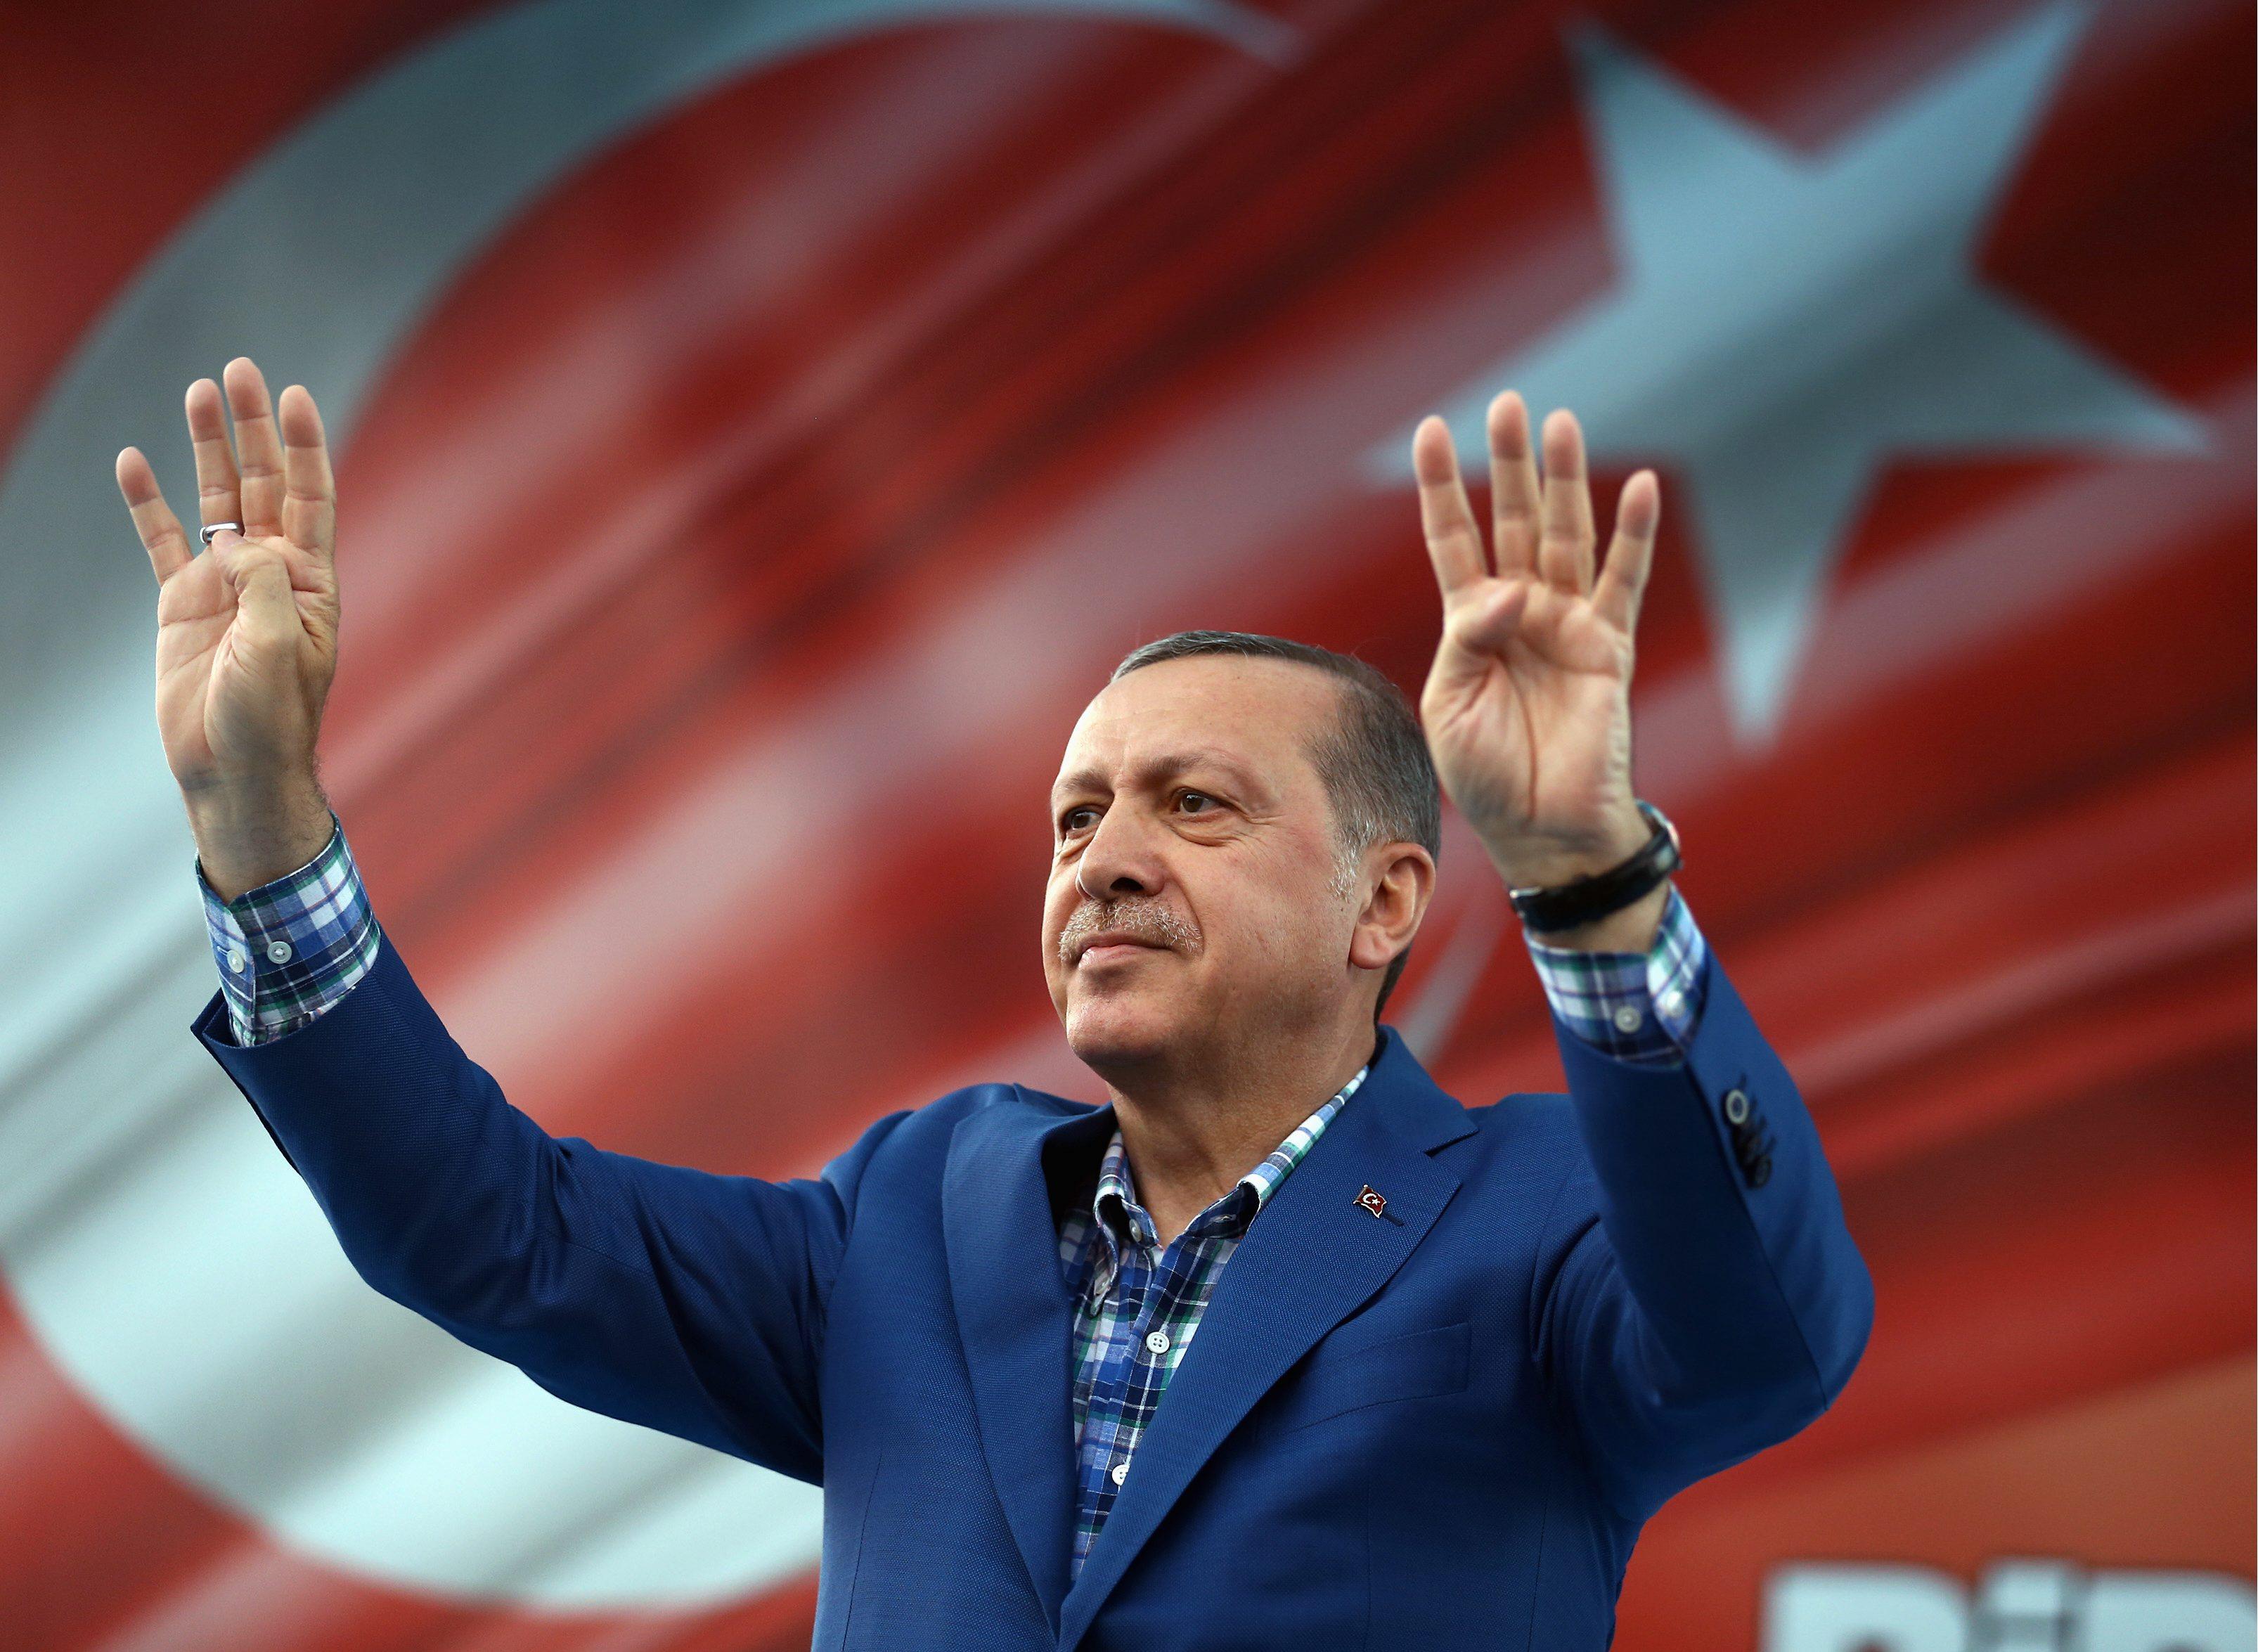 نتيجة بحث الصور عن اردوغان